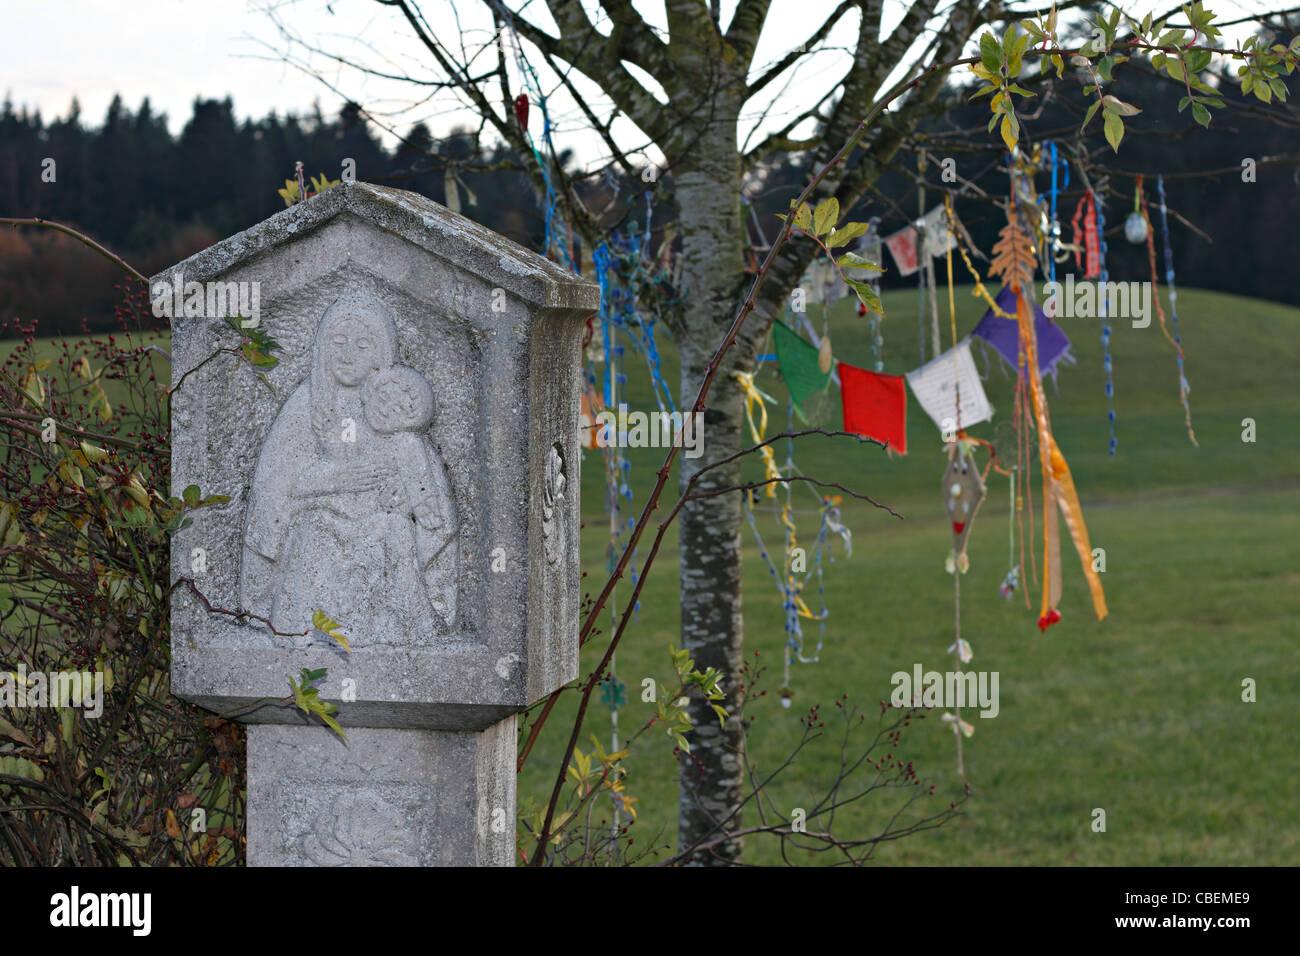 Mary Chistian Bildstock mit buddhistischen Gebet Fahnen hängen von Ästen, obere Bayern Chiemgau Stockbild